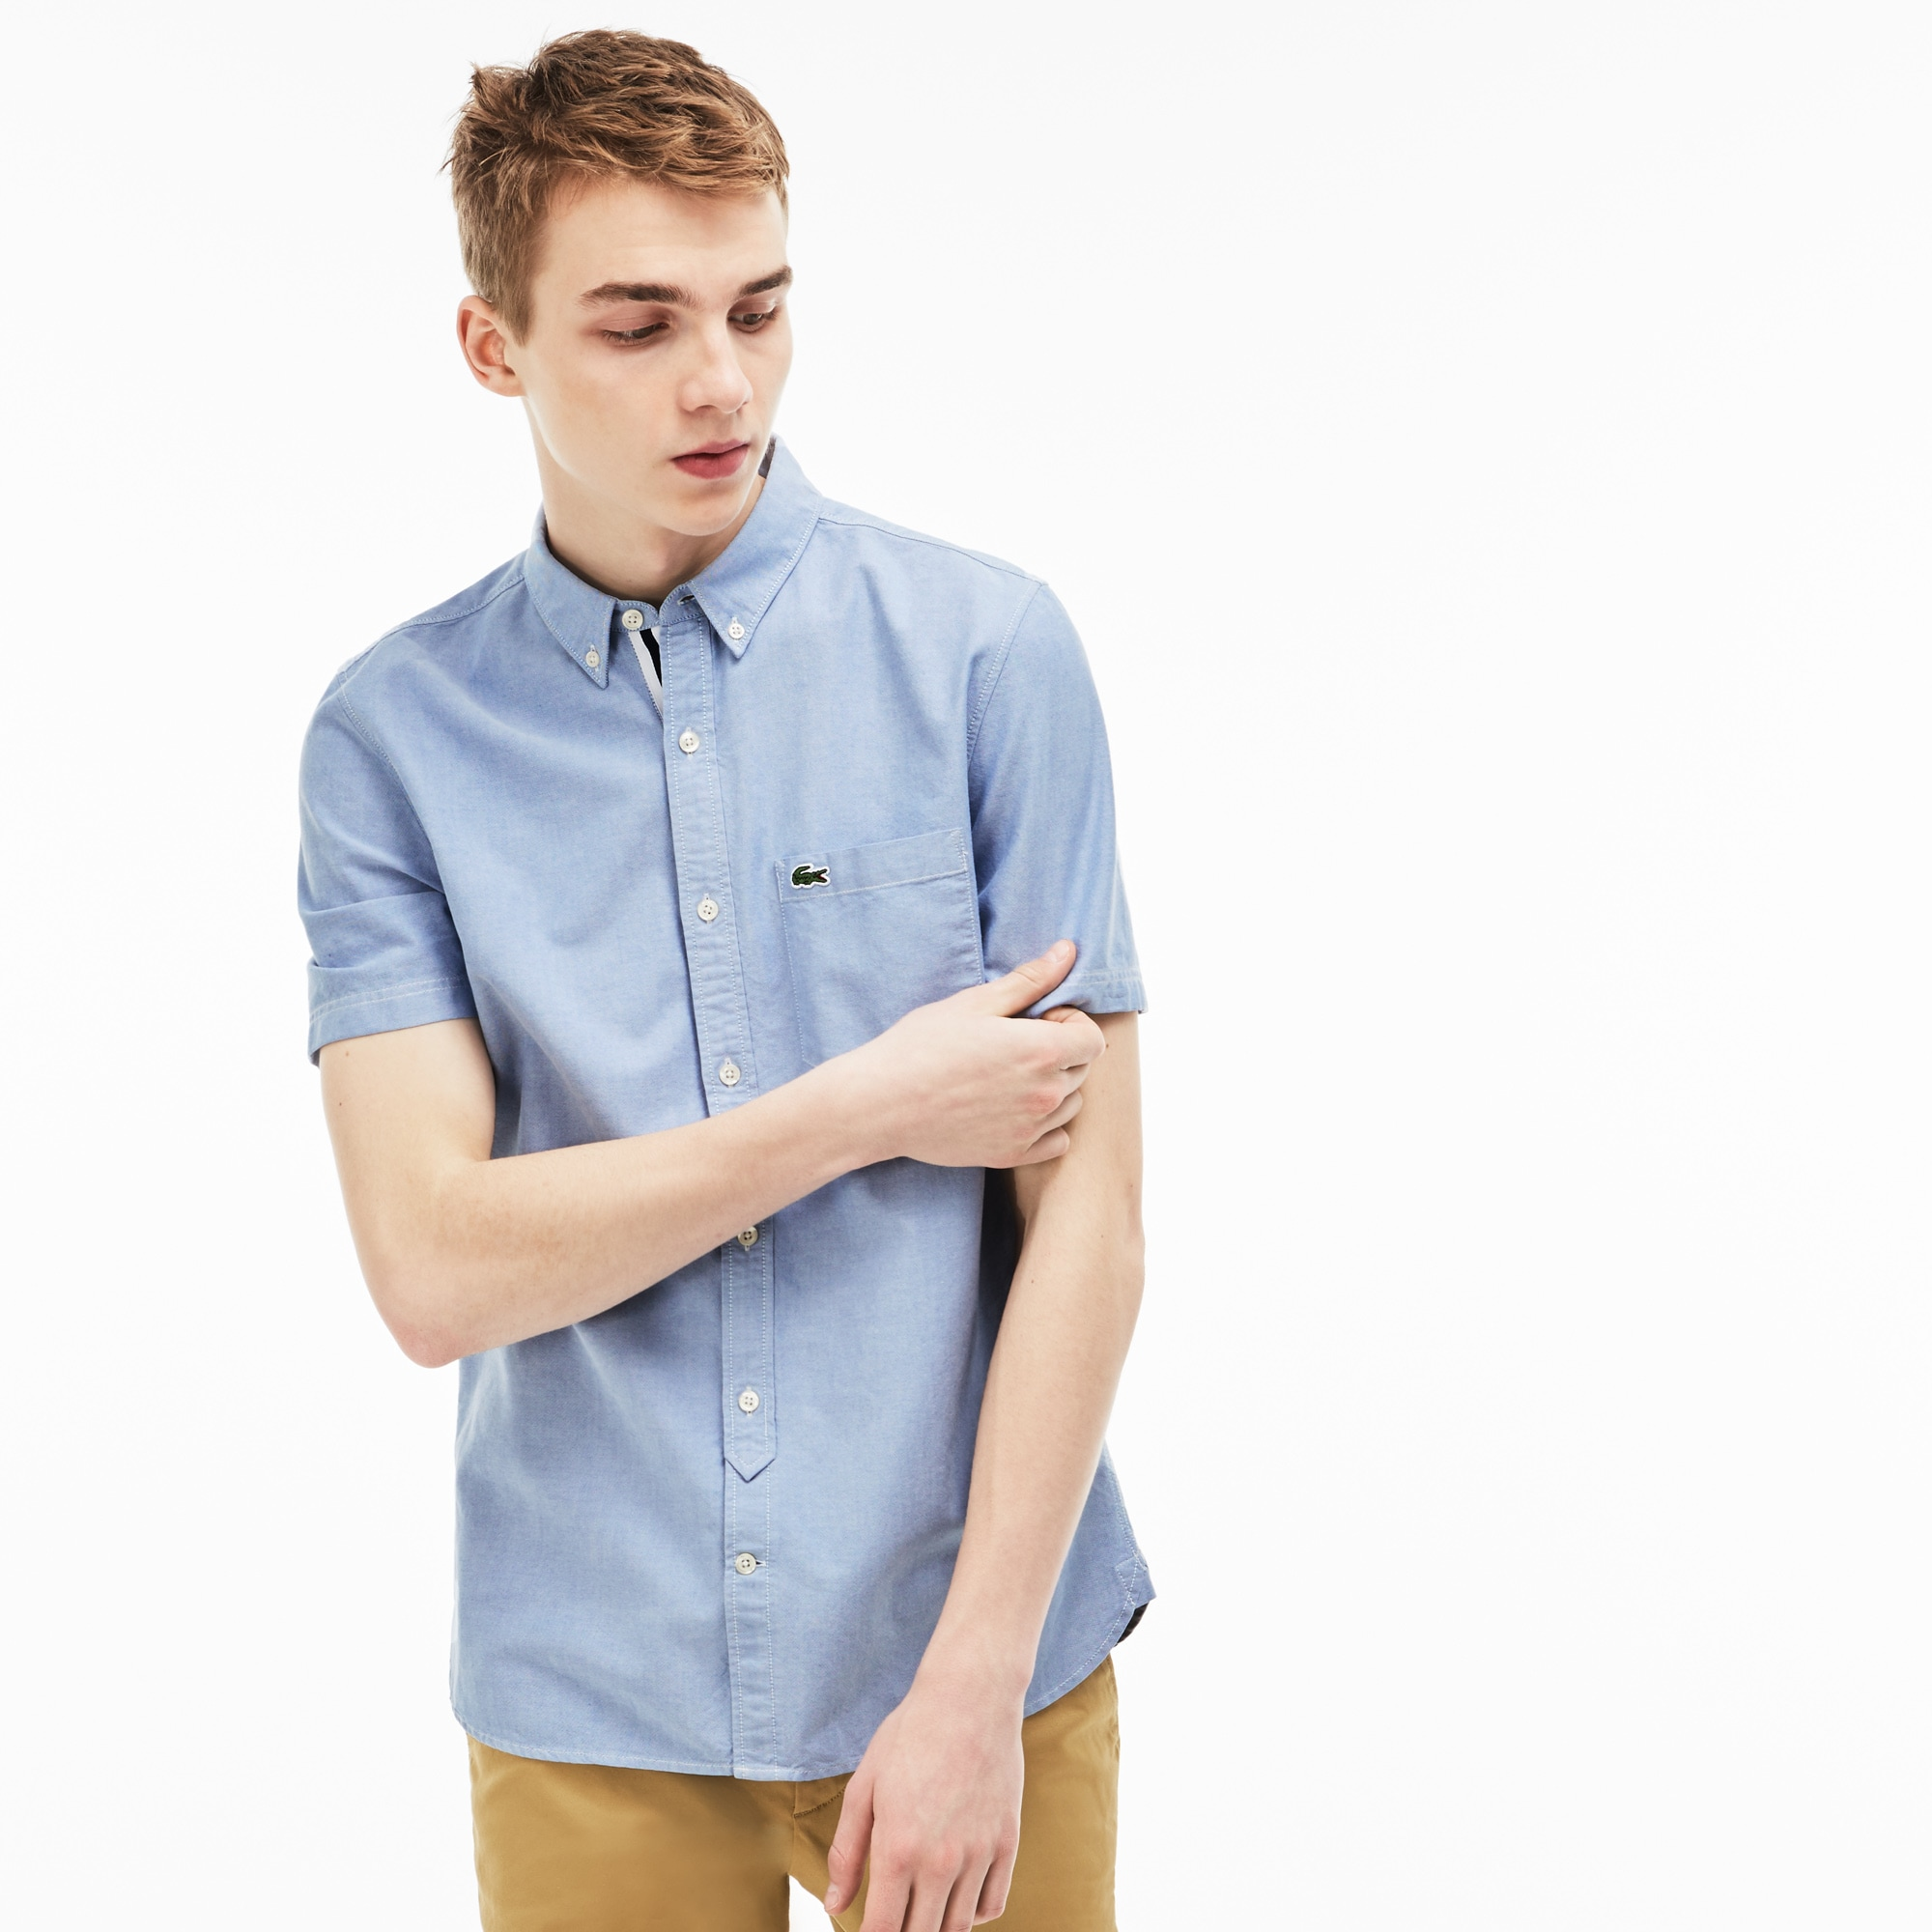 Herren-Bluse aus Oxford-Baumwolle LACOSTE L!VE